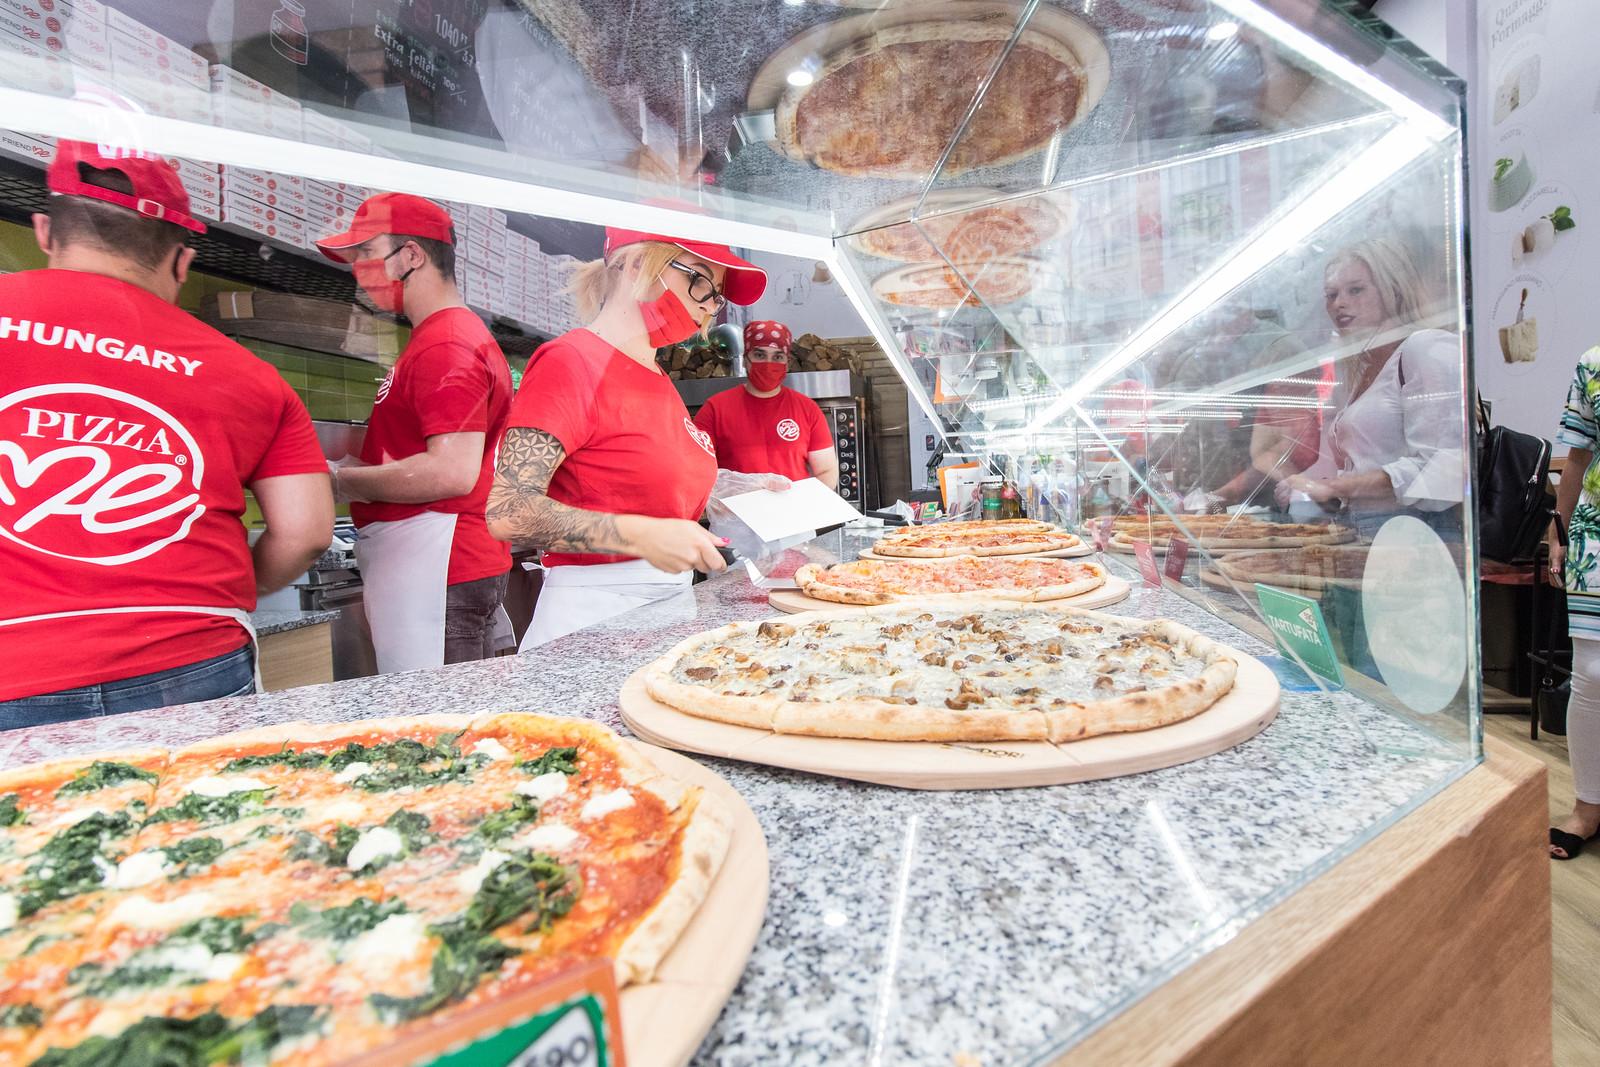 Ettünk pizzát a Kárász utcán